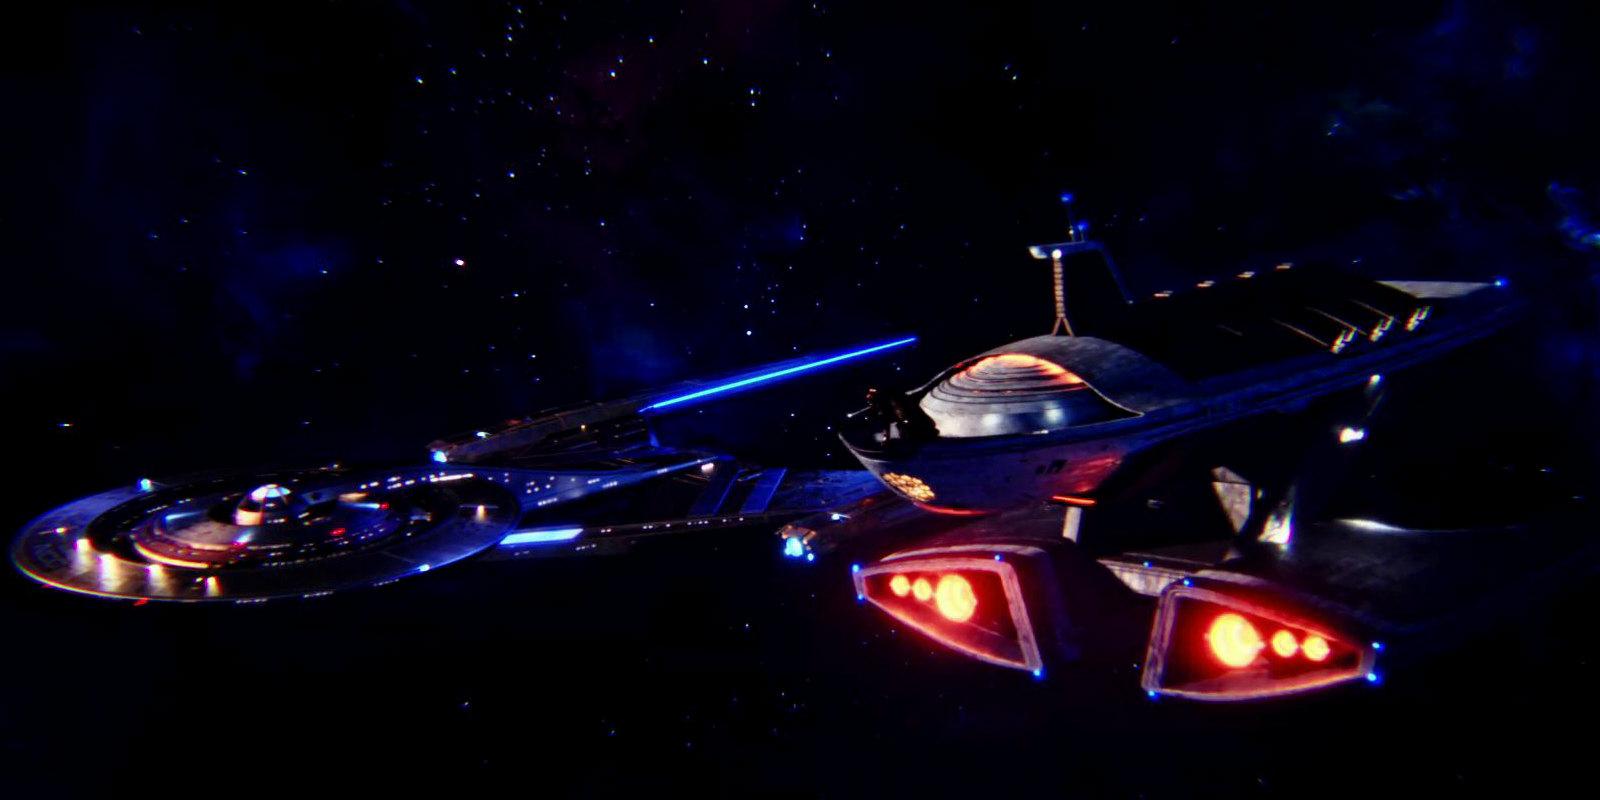 Ex Astris Scientia Discovery Federation Ship Classes